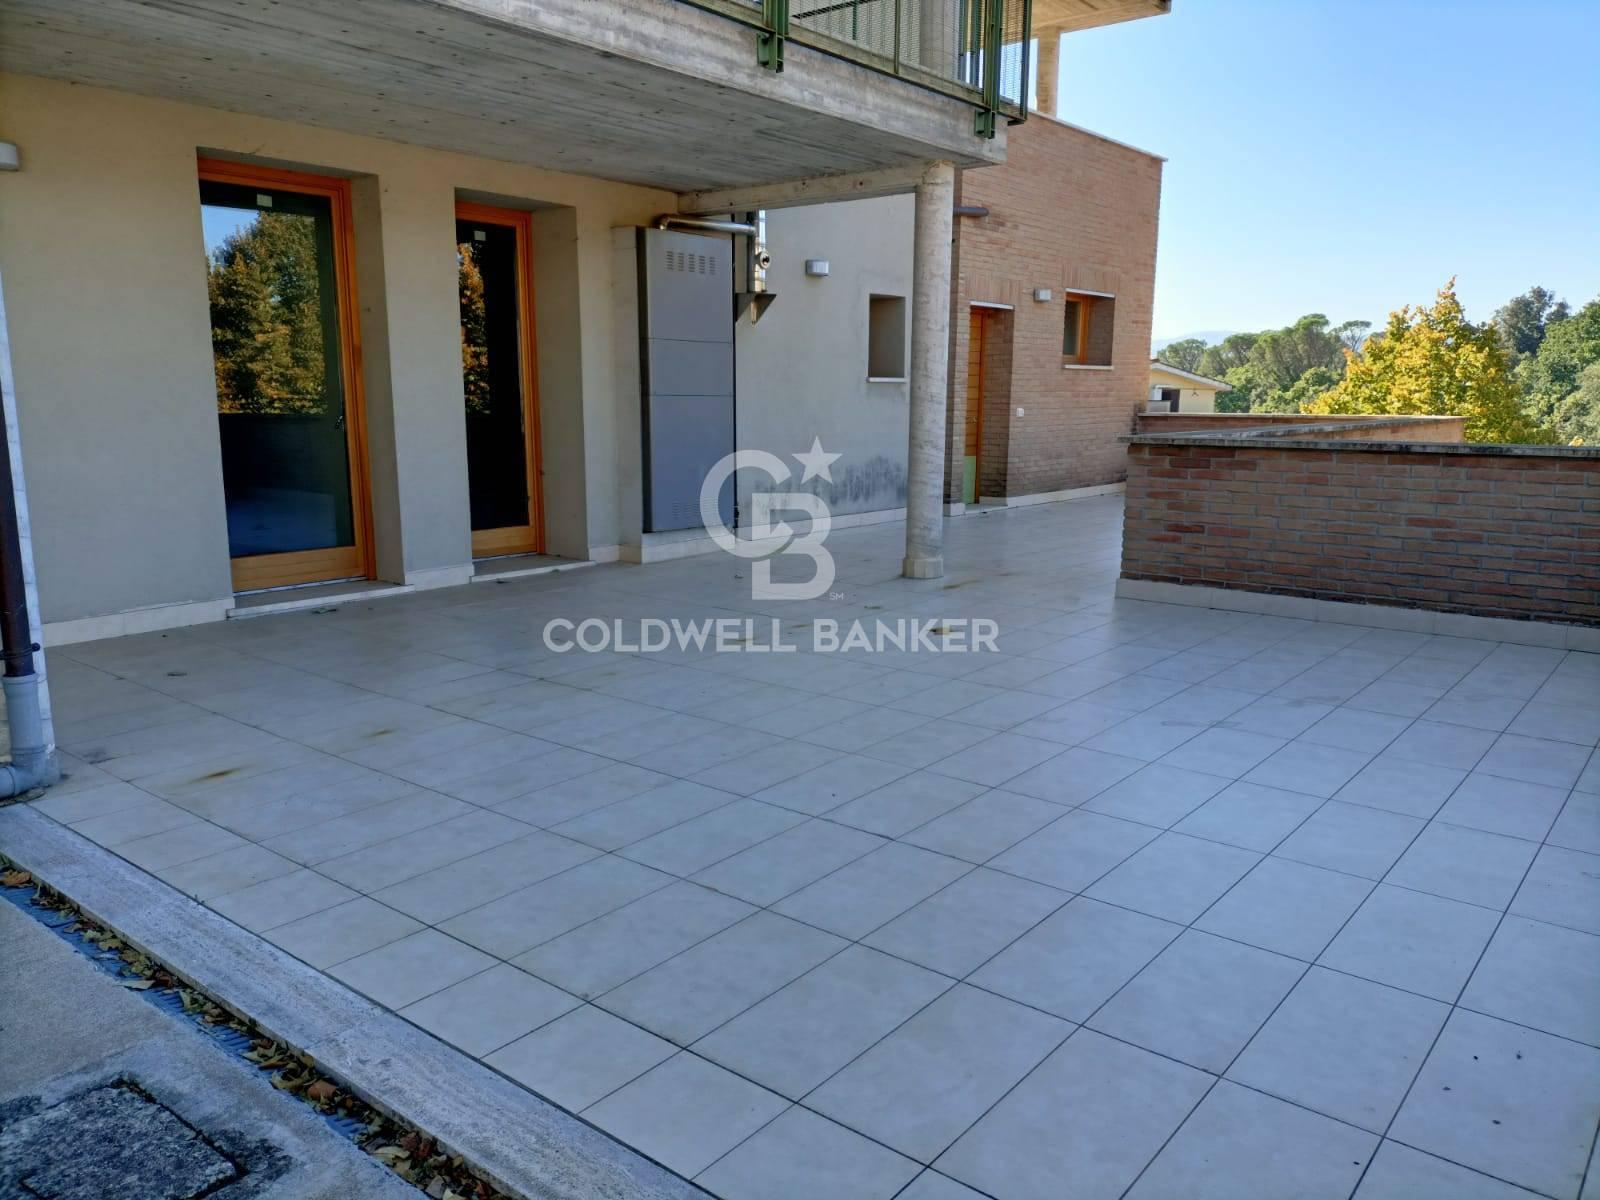 Appartamento in vendita a Sutri, 4 locali, zona Località: centro, prezzo € 175.000   PortaleAgenzieImmobiliari.it